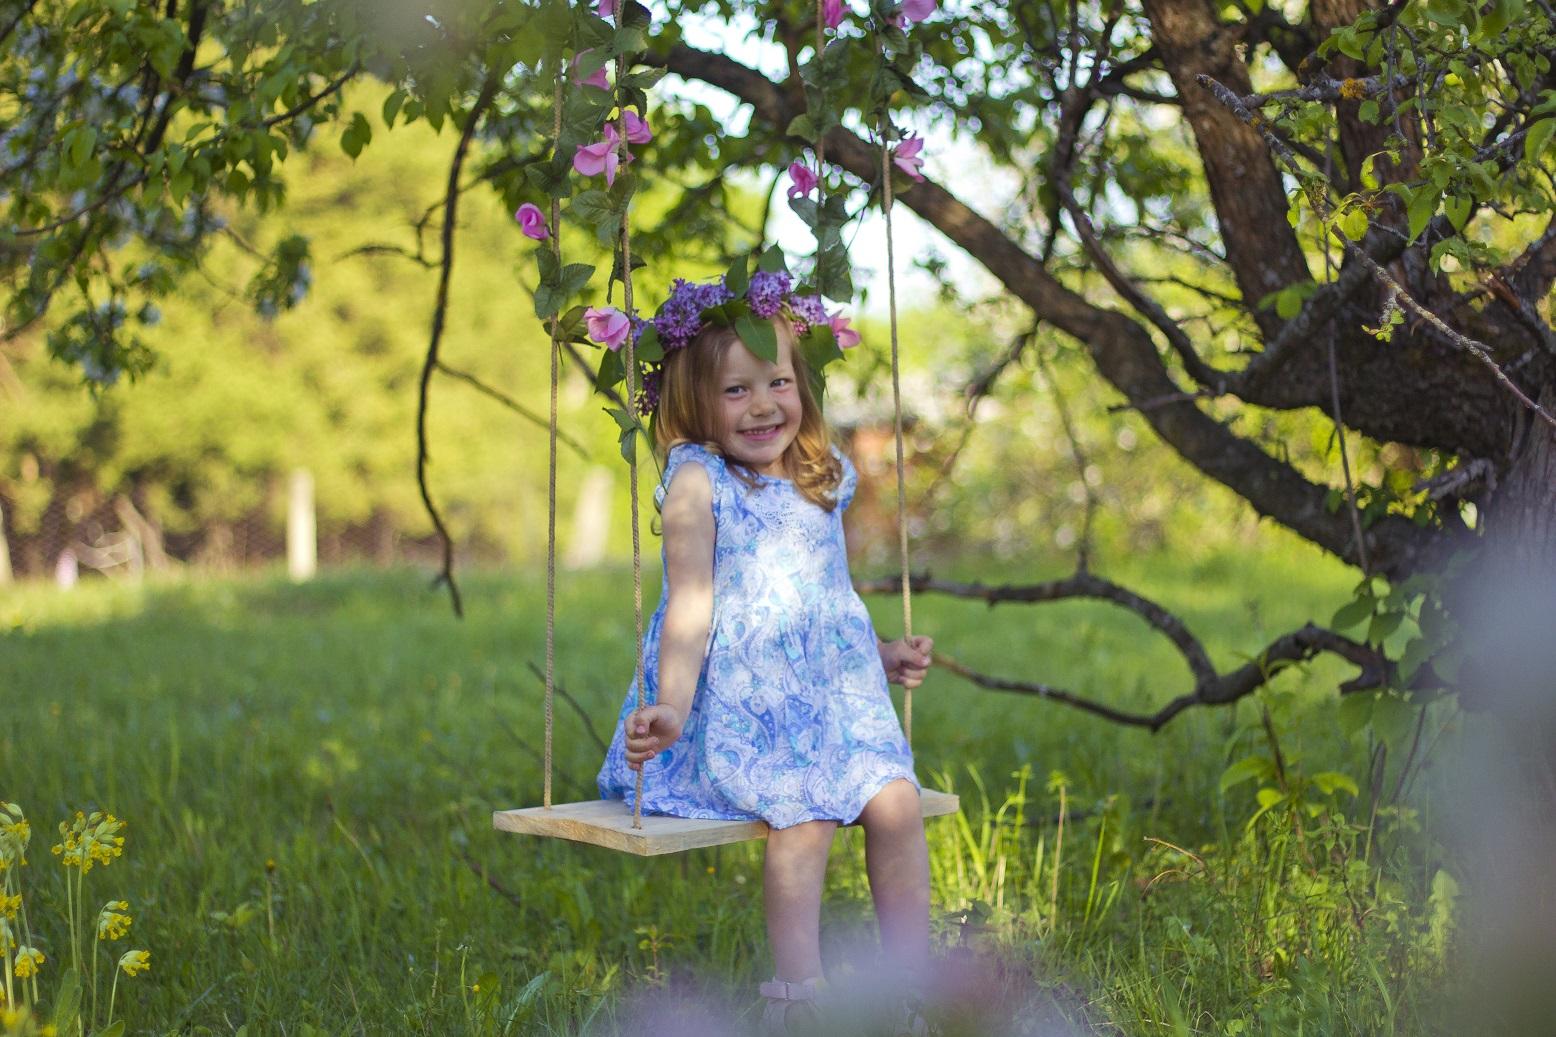 МЕГАуДАЧНОЕ время для любимых качелей в саду. МЕГАуДАЧНОЕ лето